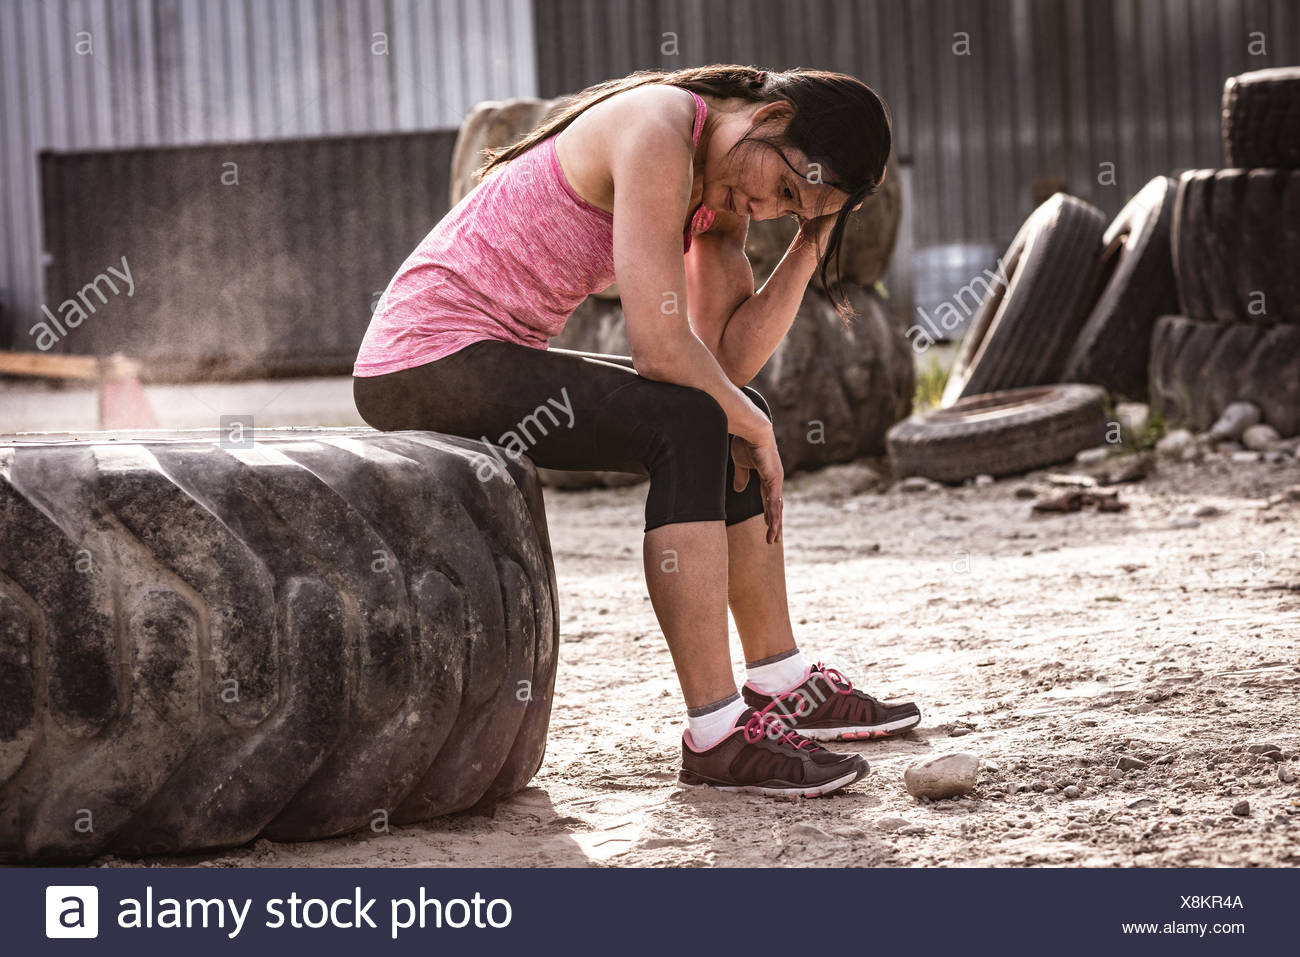 Misura perfetta donna seduta sul pneumatico in una giornata di sole Immagini Stock